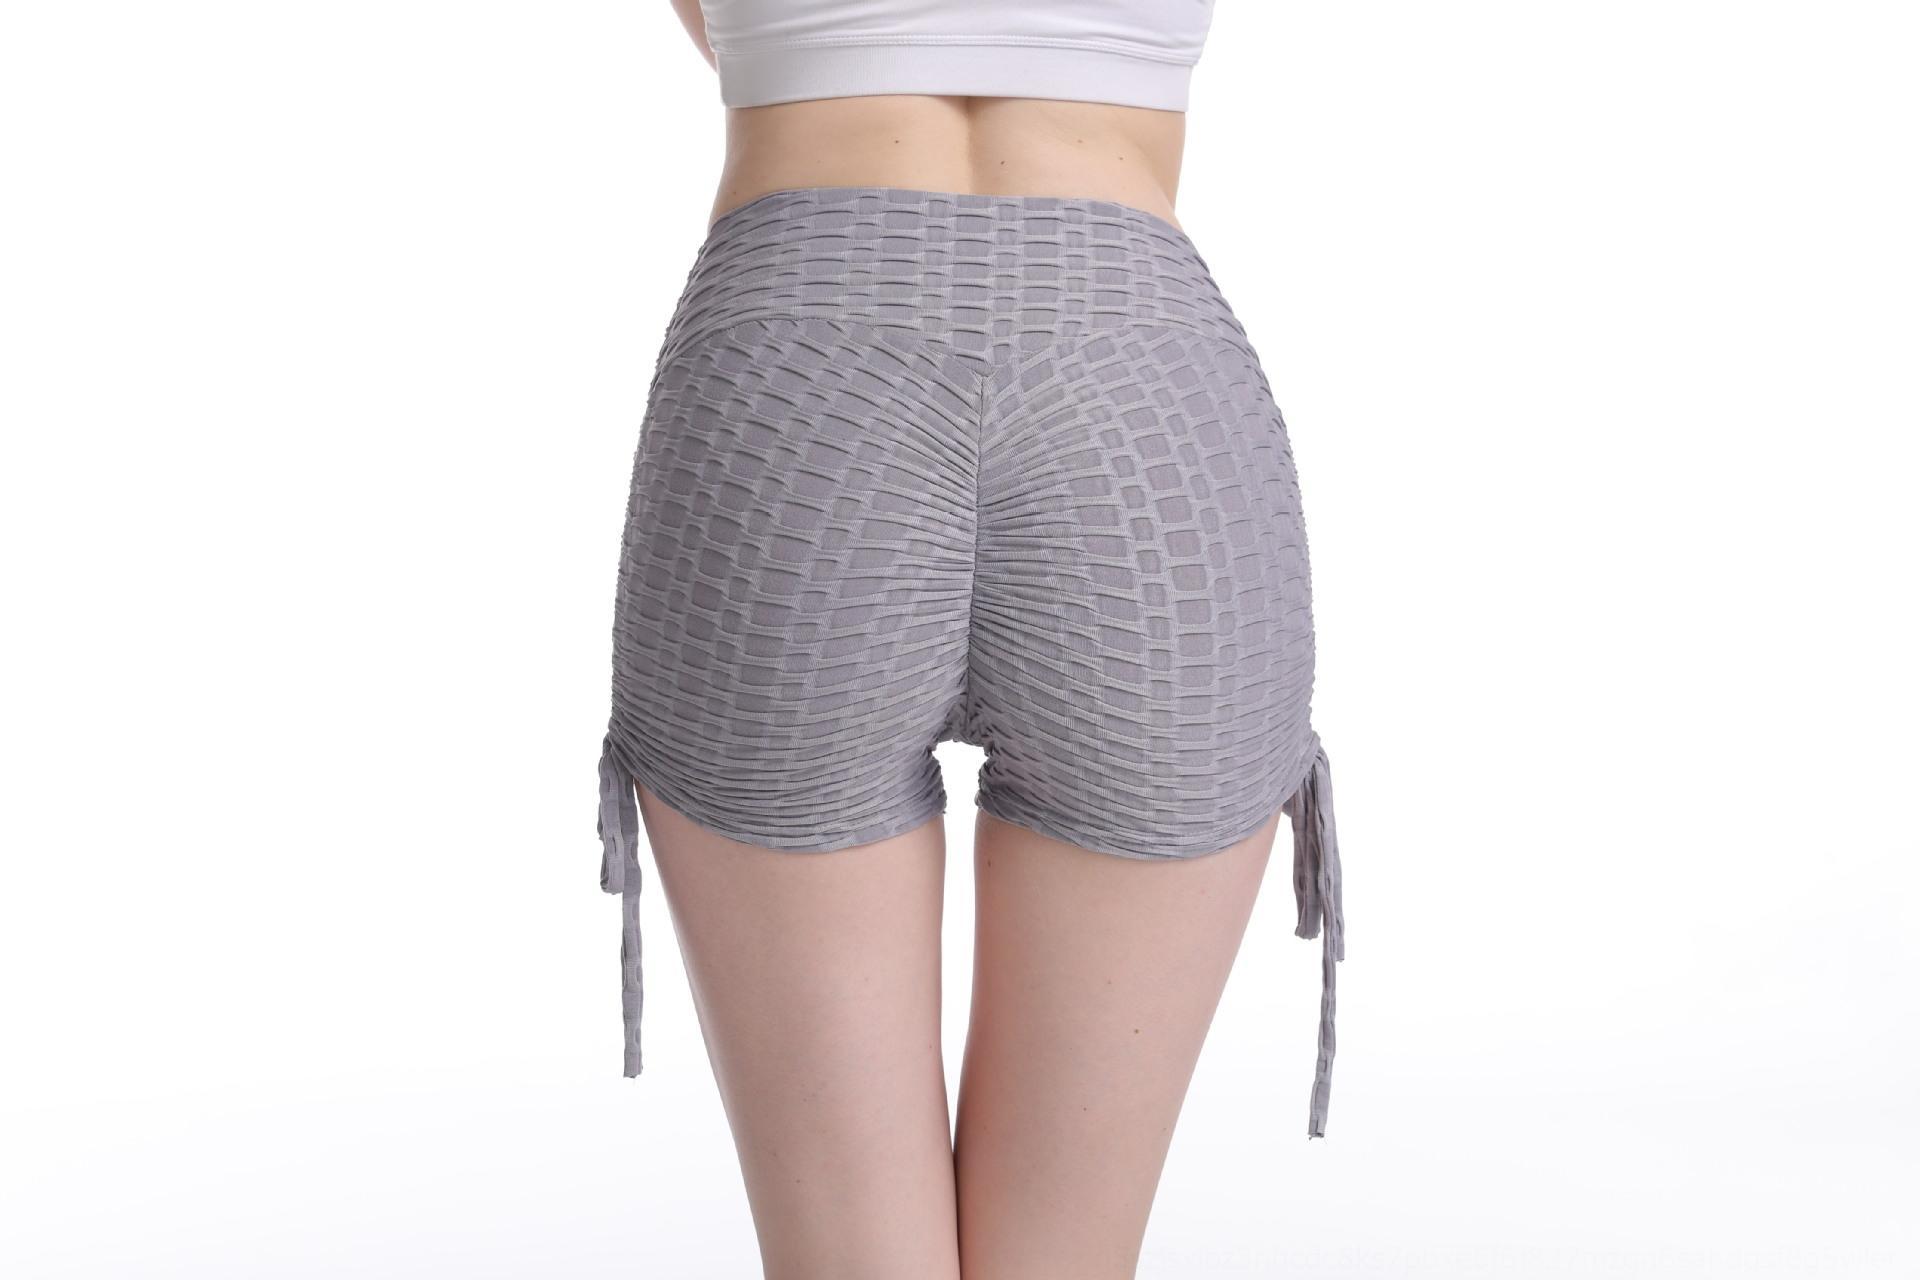 Горячие продажи шнурок пузырь Peach Hip плотно накалены талии спортивных брюк шорт спортивных брюк потоотделение йог шорты для женщин 7ywXF 7ywX